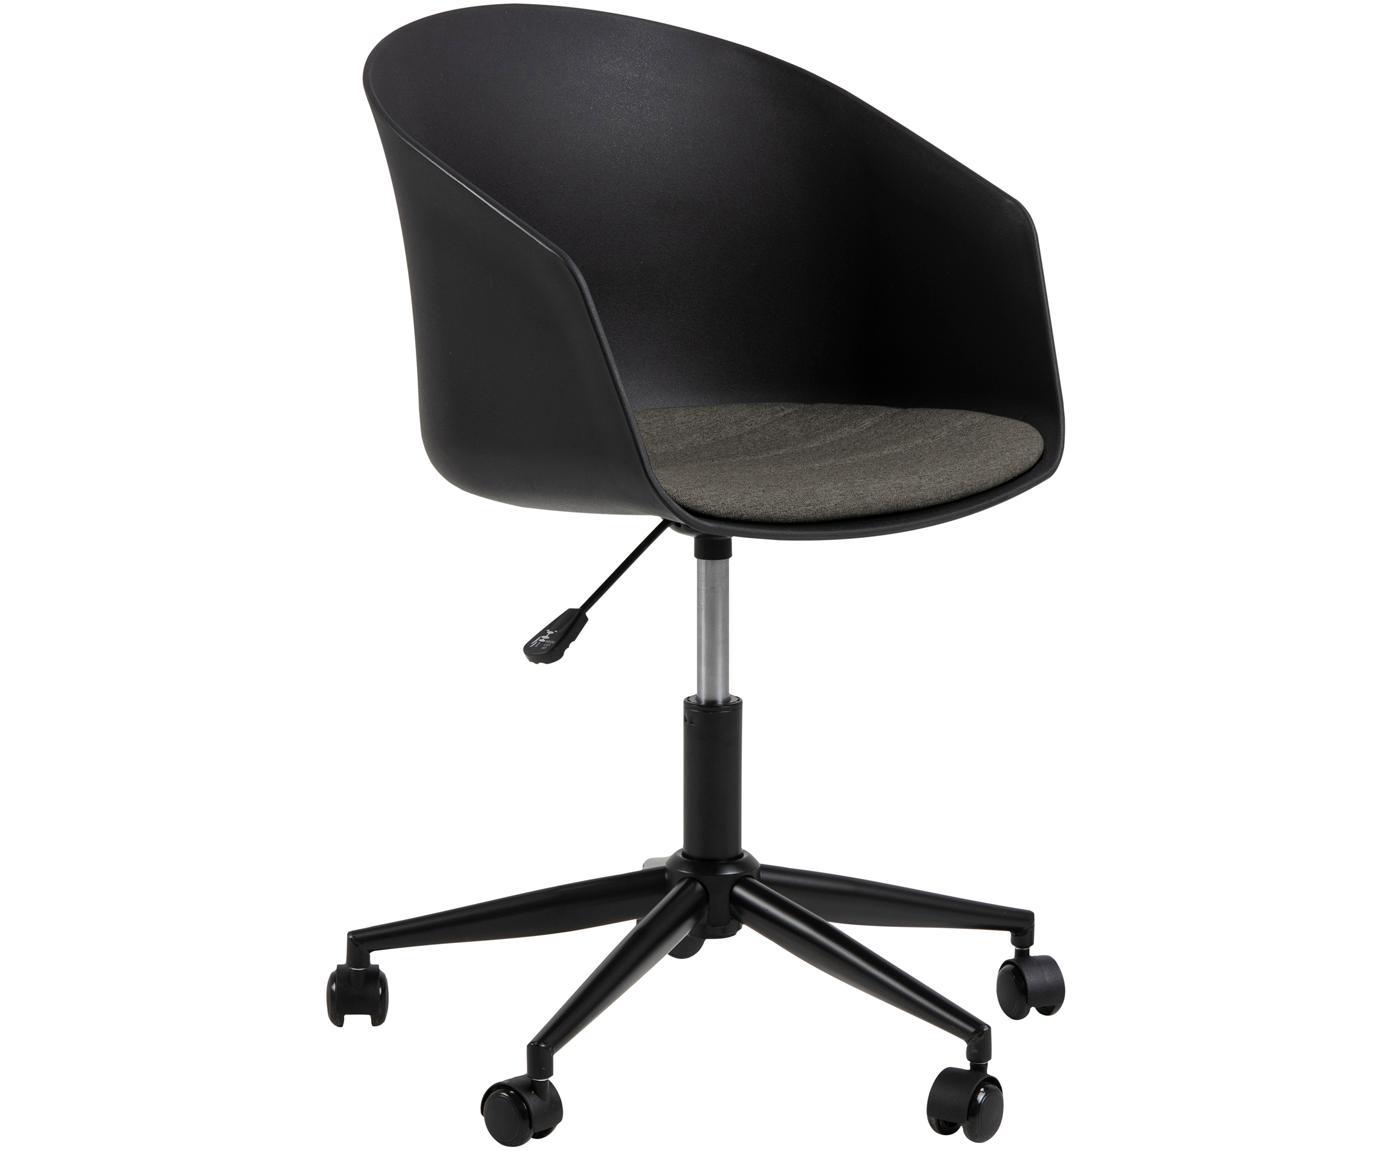 Krzesło biurowe Moon, Polipropylen, tkanina, metal, Czarny, ciemnoszary, S 65 x G 65 cm